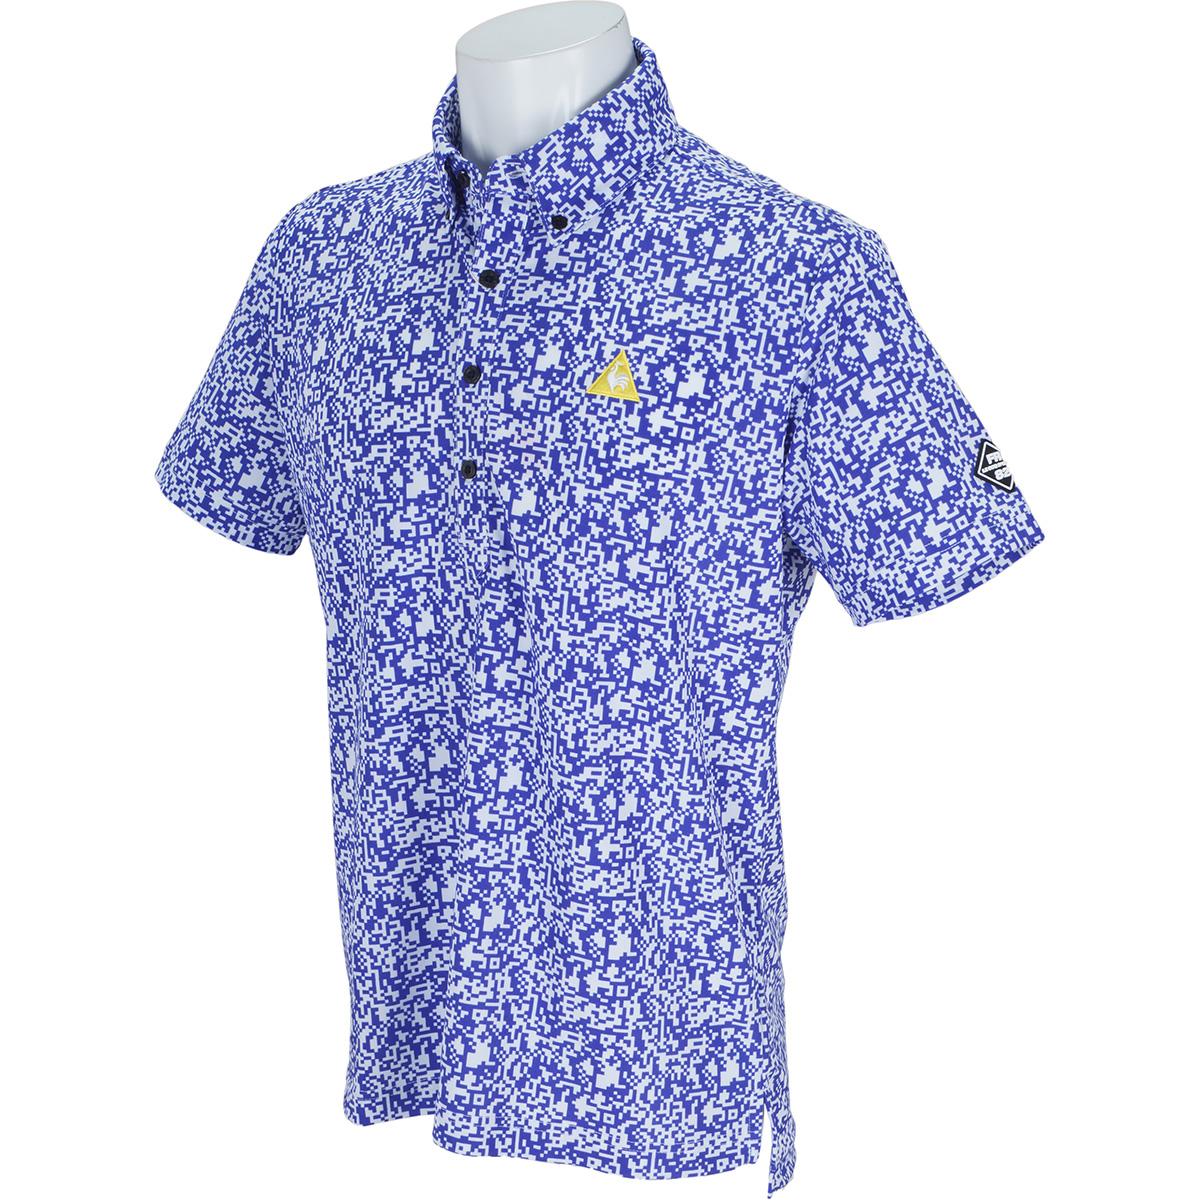 8Bitカモフラージュプリント 半袖ポロシャツ